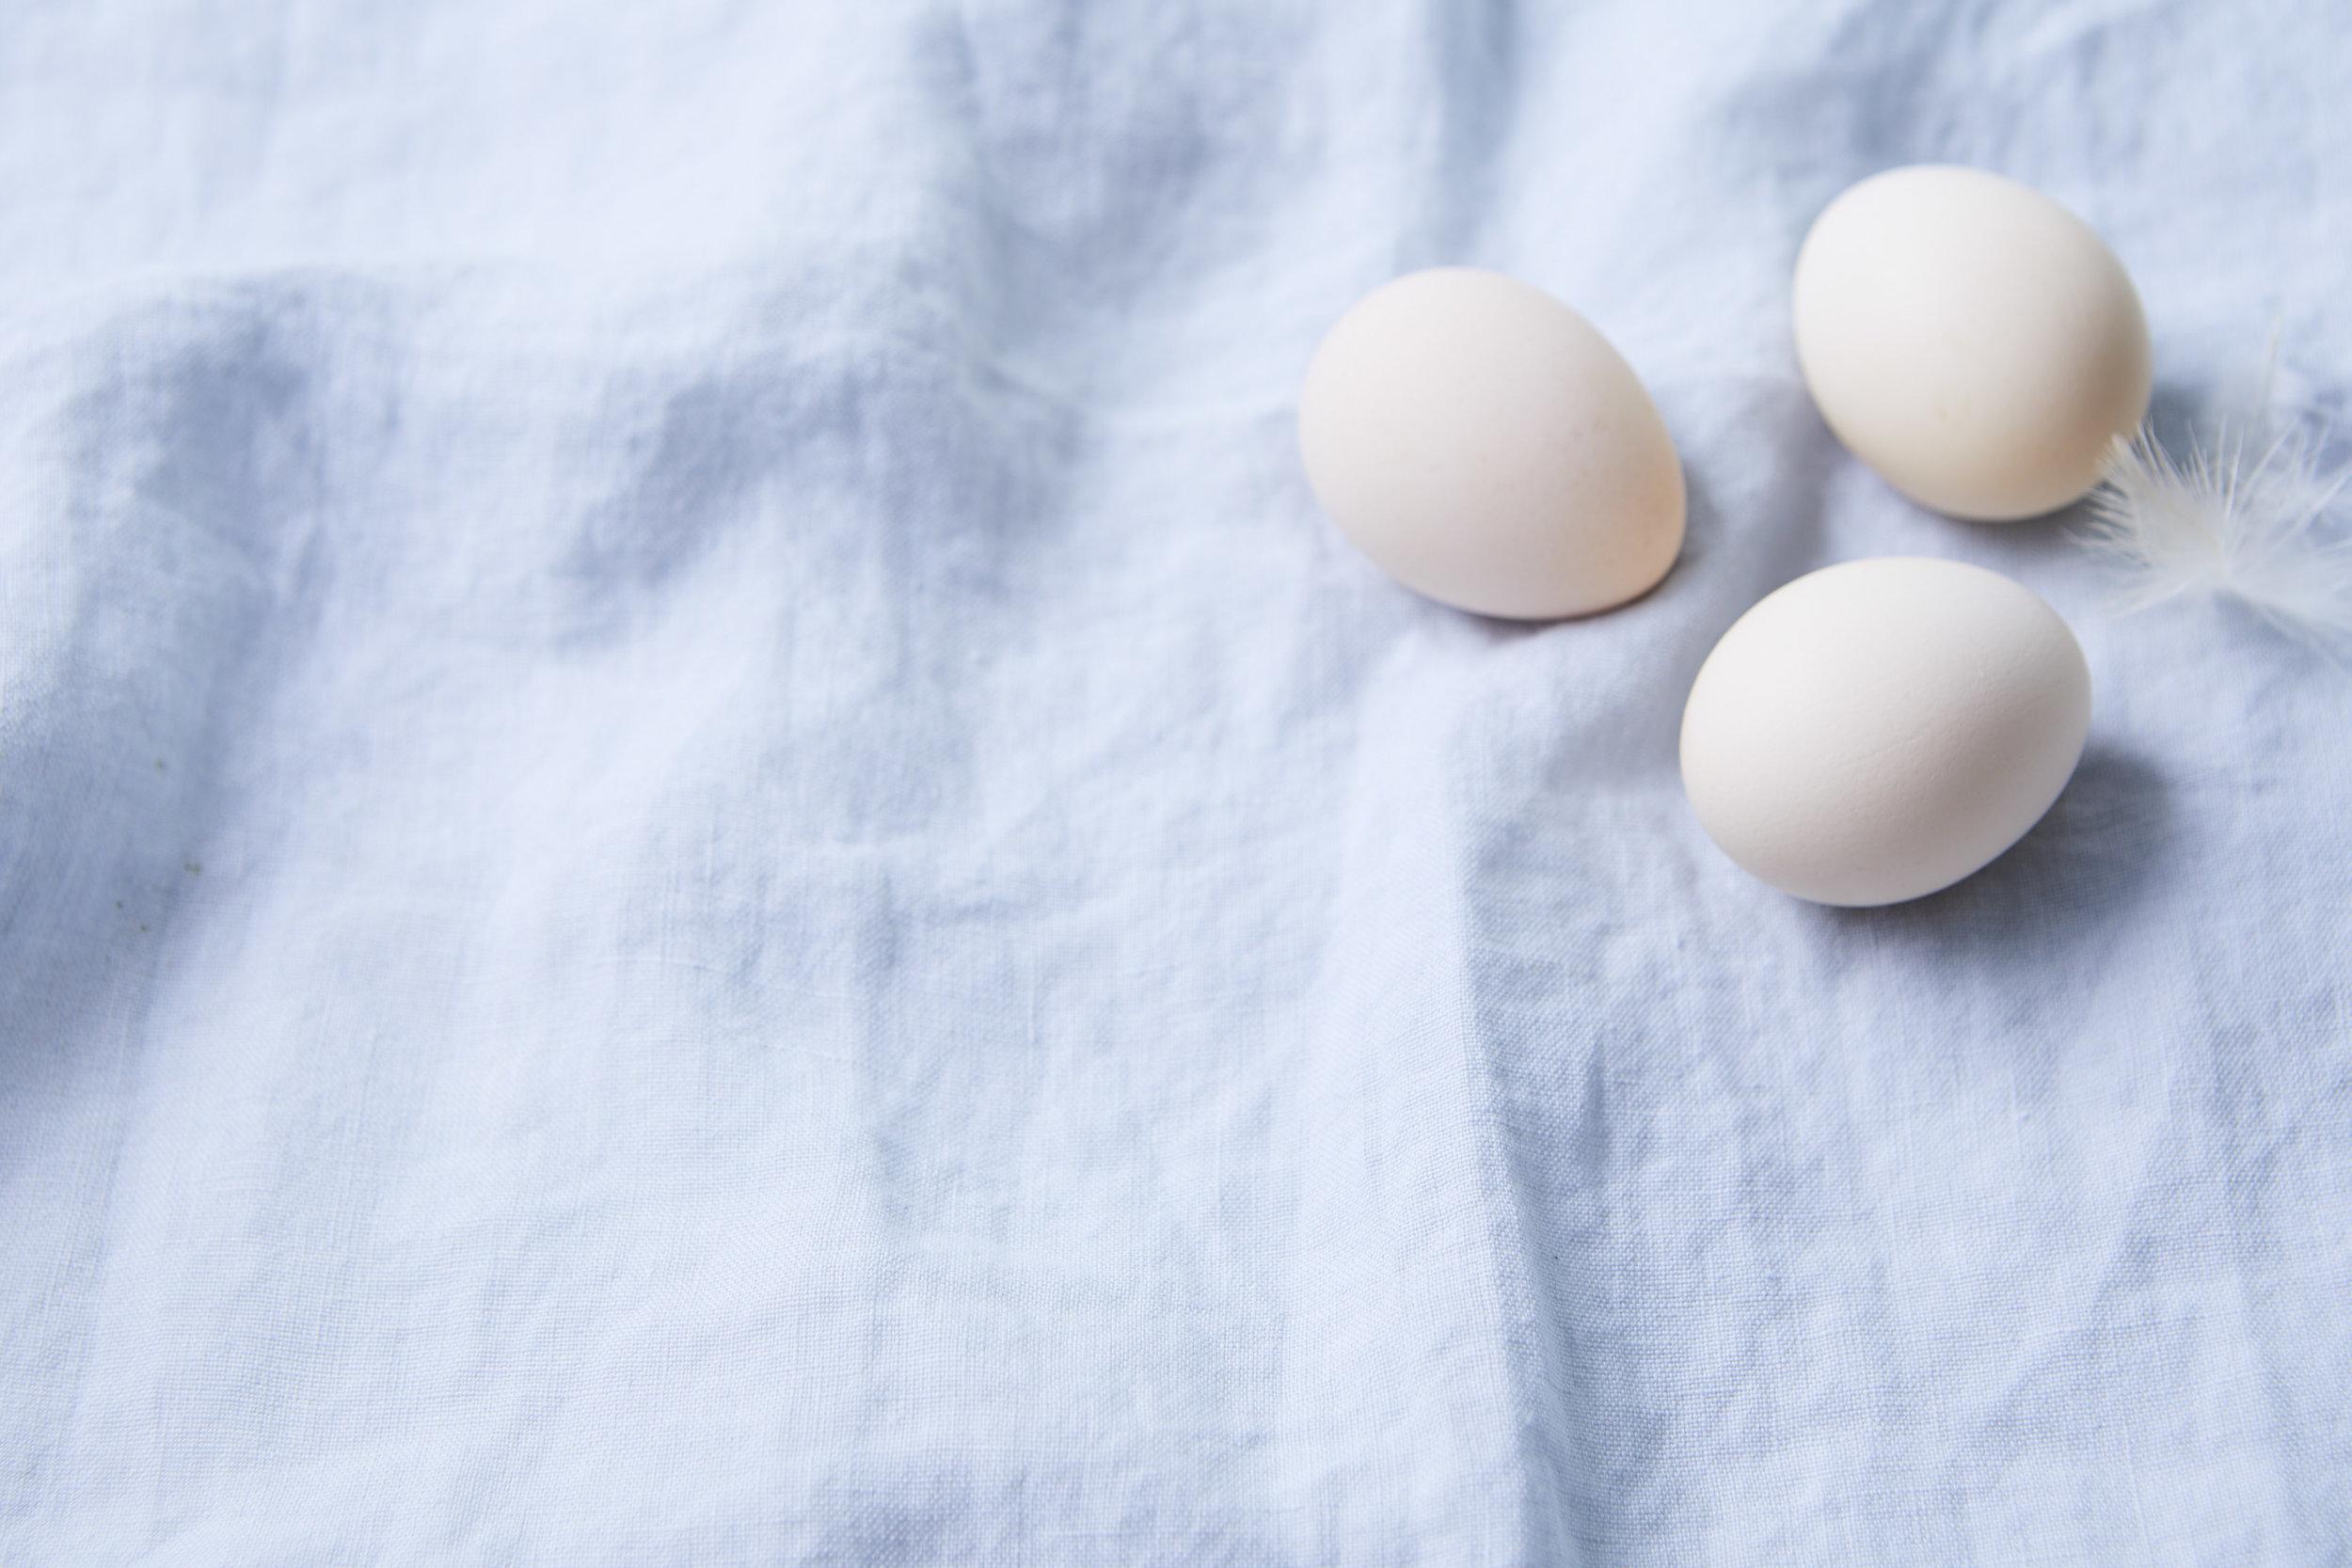 filler_eggs2.jpg